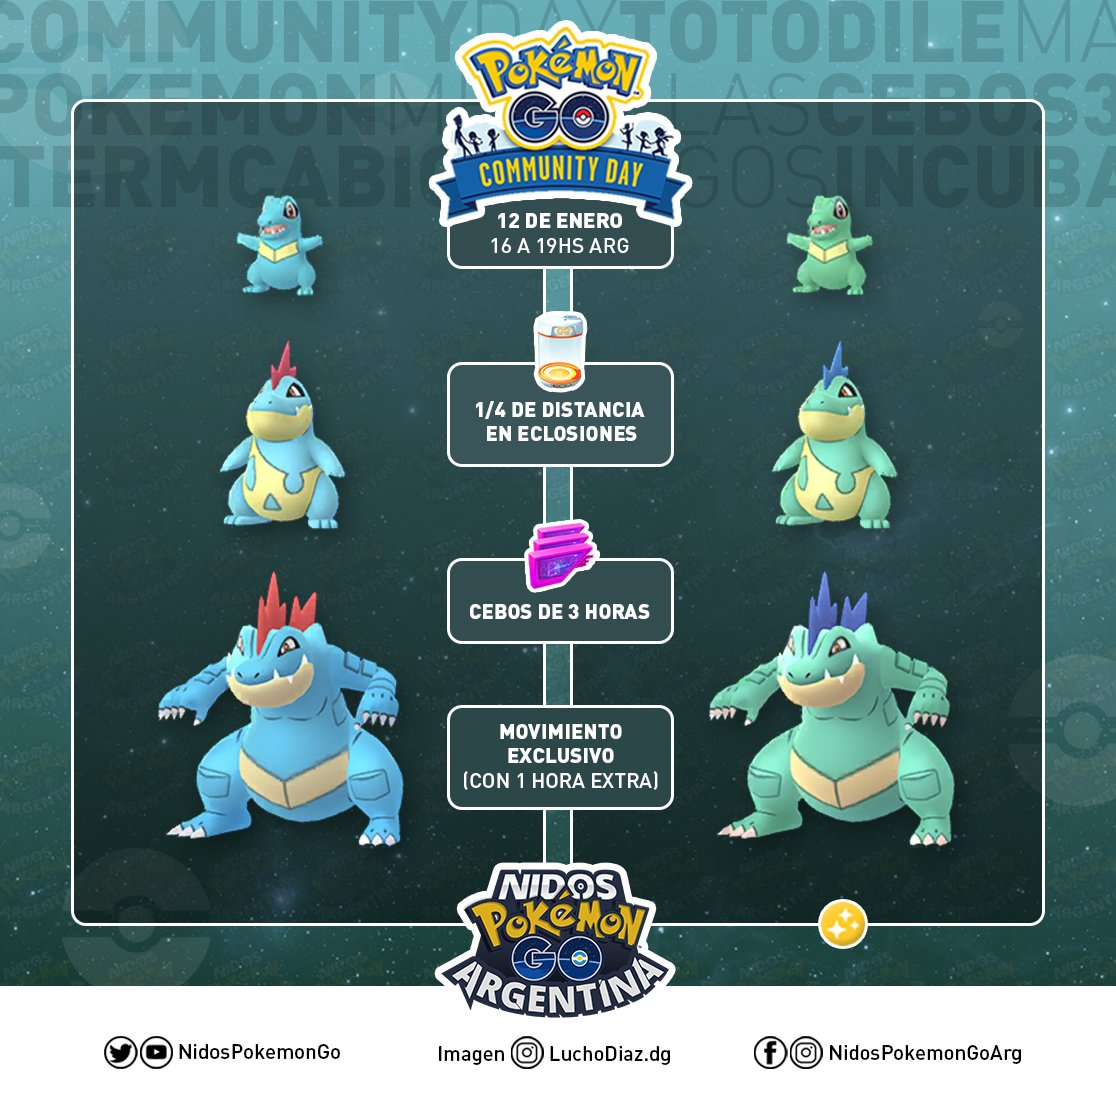 Imagen de Nidos Pokémon GO Argentina Todotile y su familia shiny. Bonus del Día de la Comunidad de Enero.